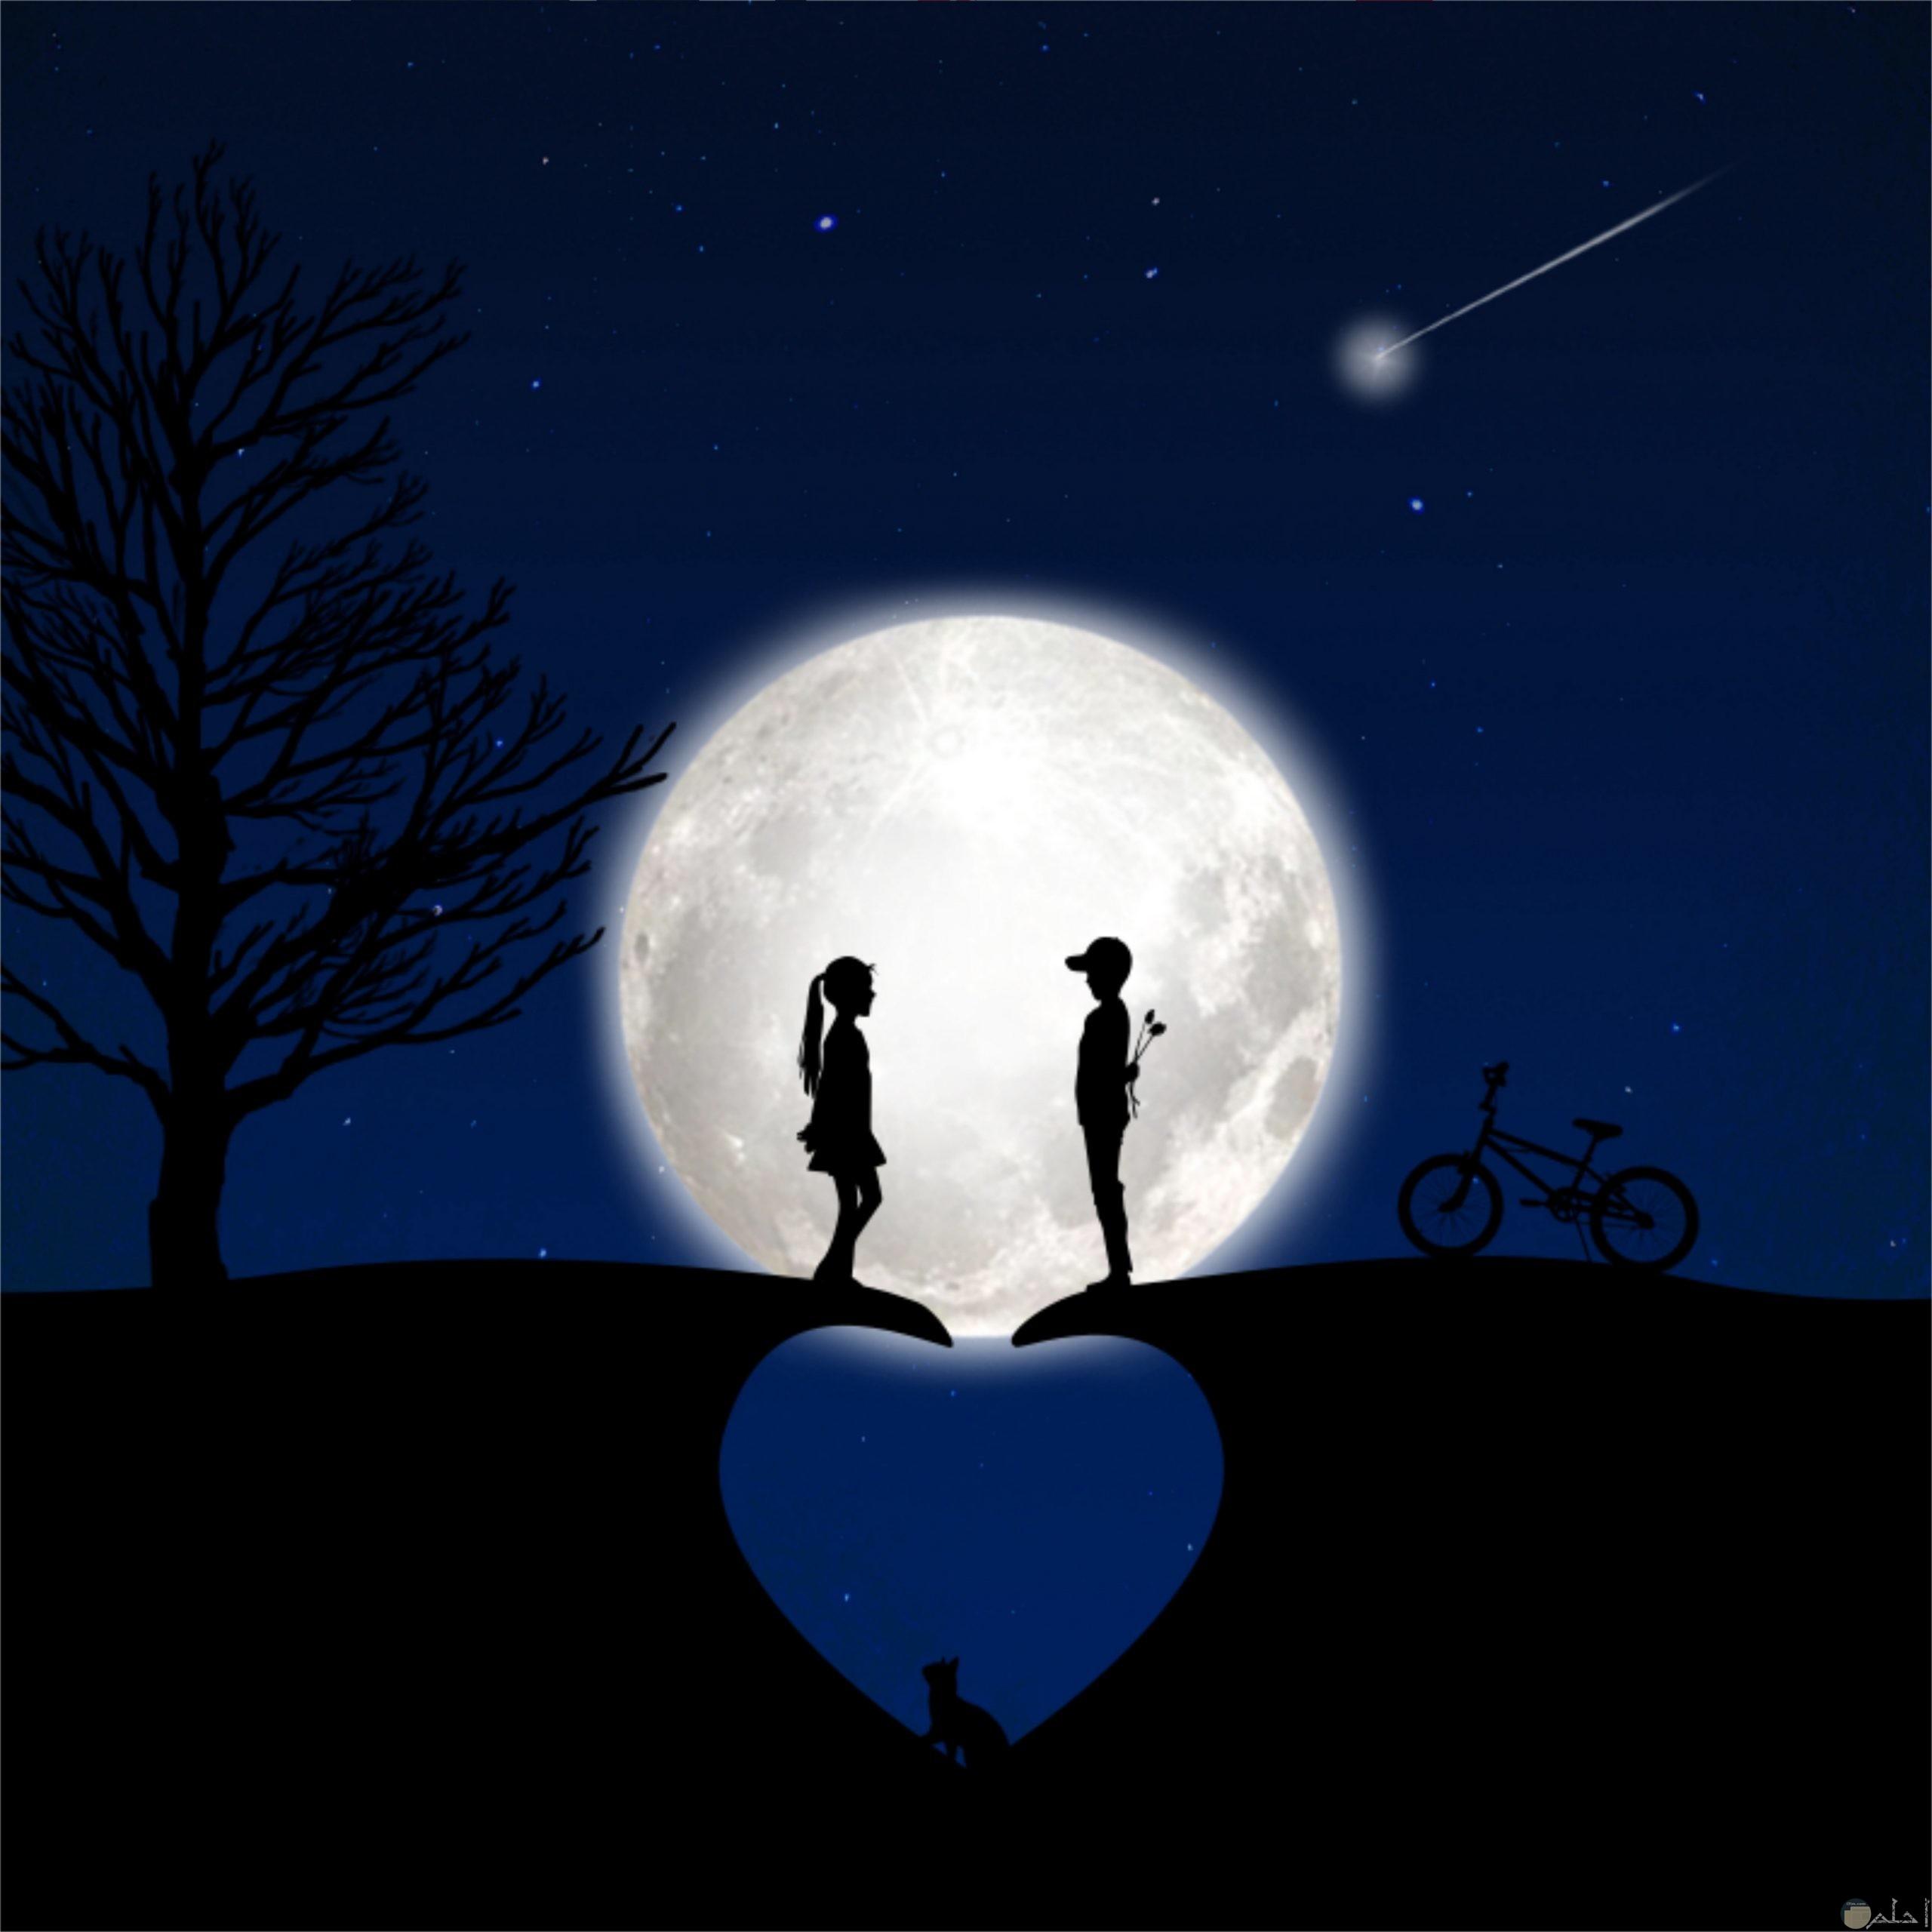 الحب كالخيال لا حدود له.